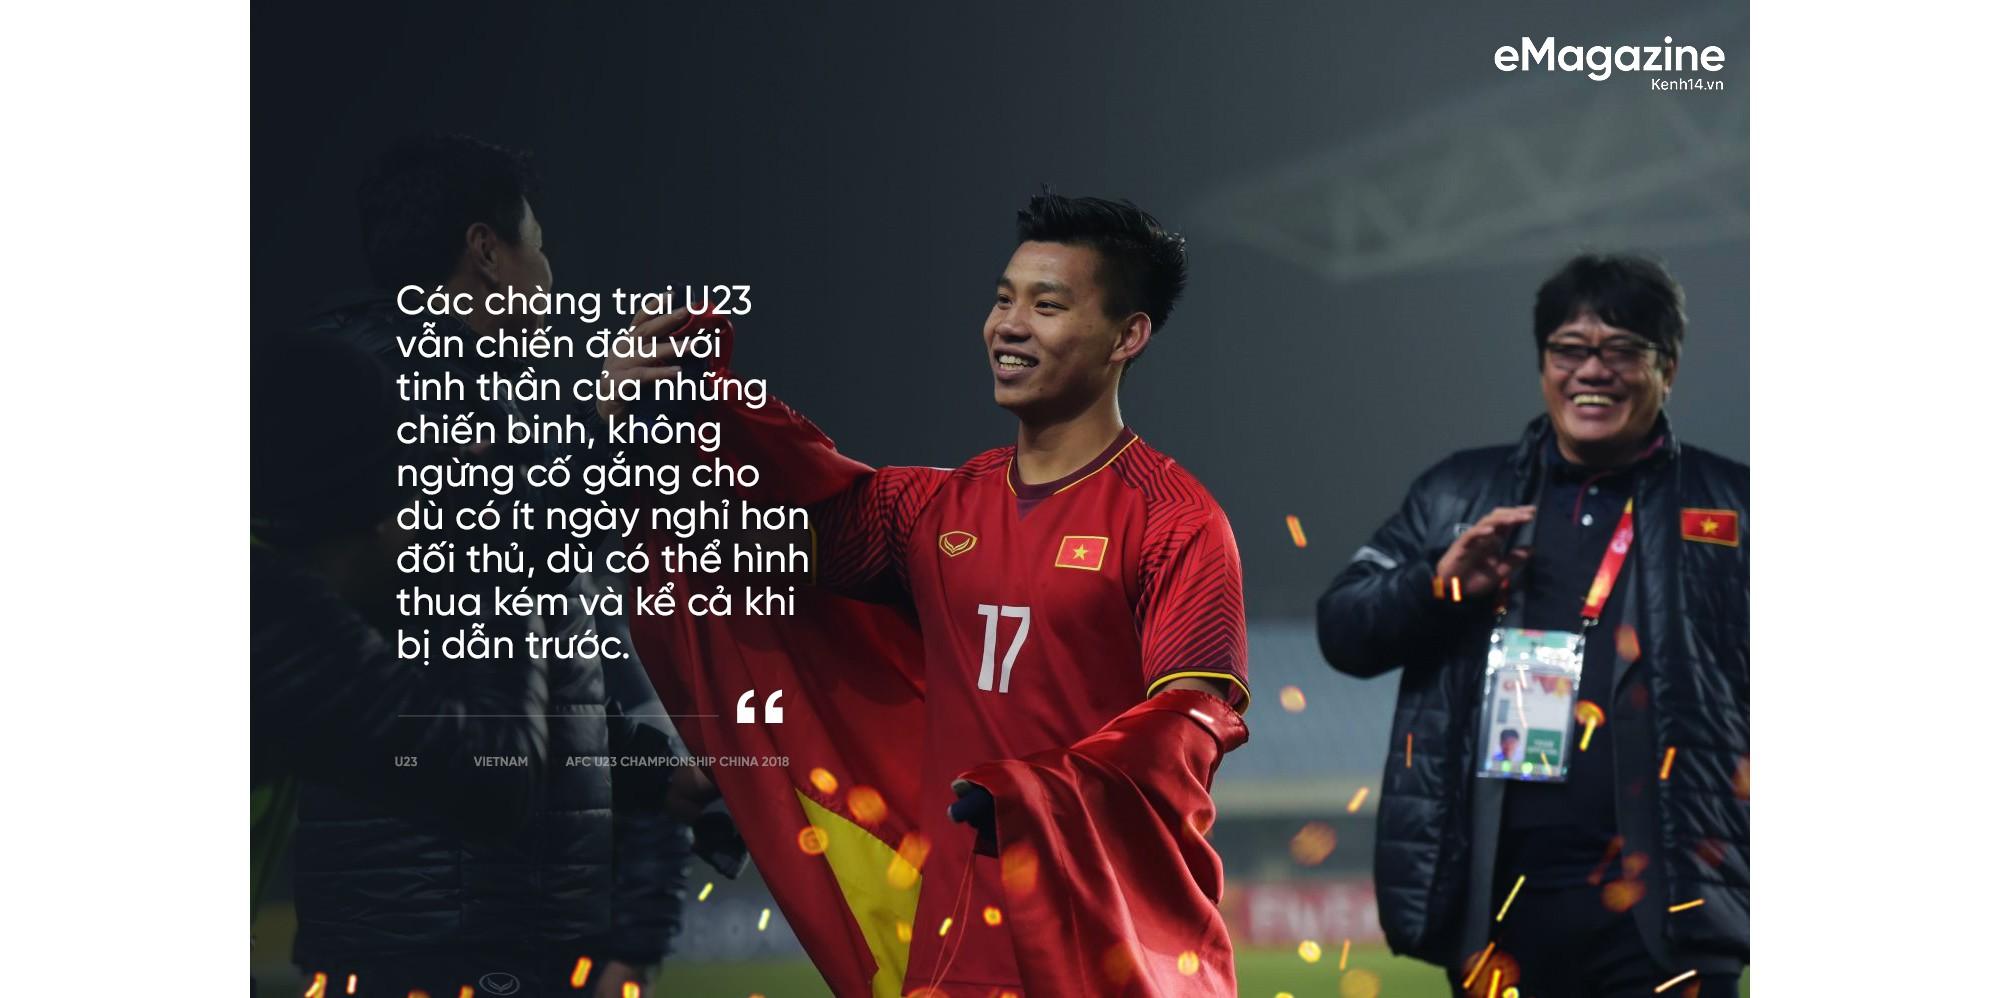 10 năm rồi, cái cảm giác rực lửa tự hào, rực cờ hoa chiến thắng bóng đá mới được tái hiện lại bởi U23... - Ảnh 7.